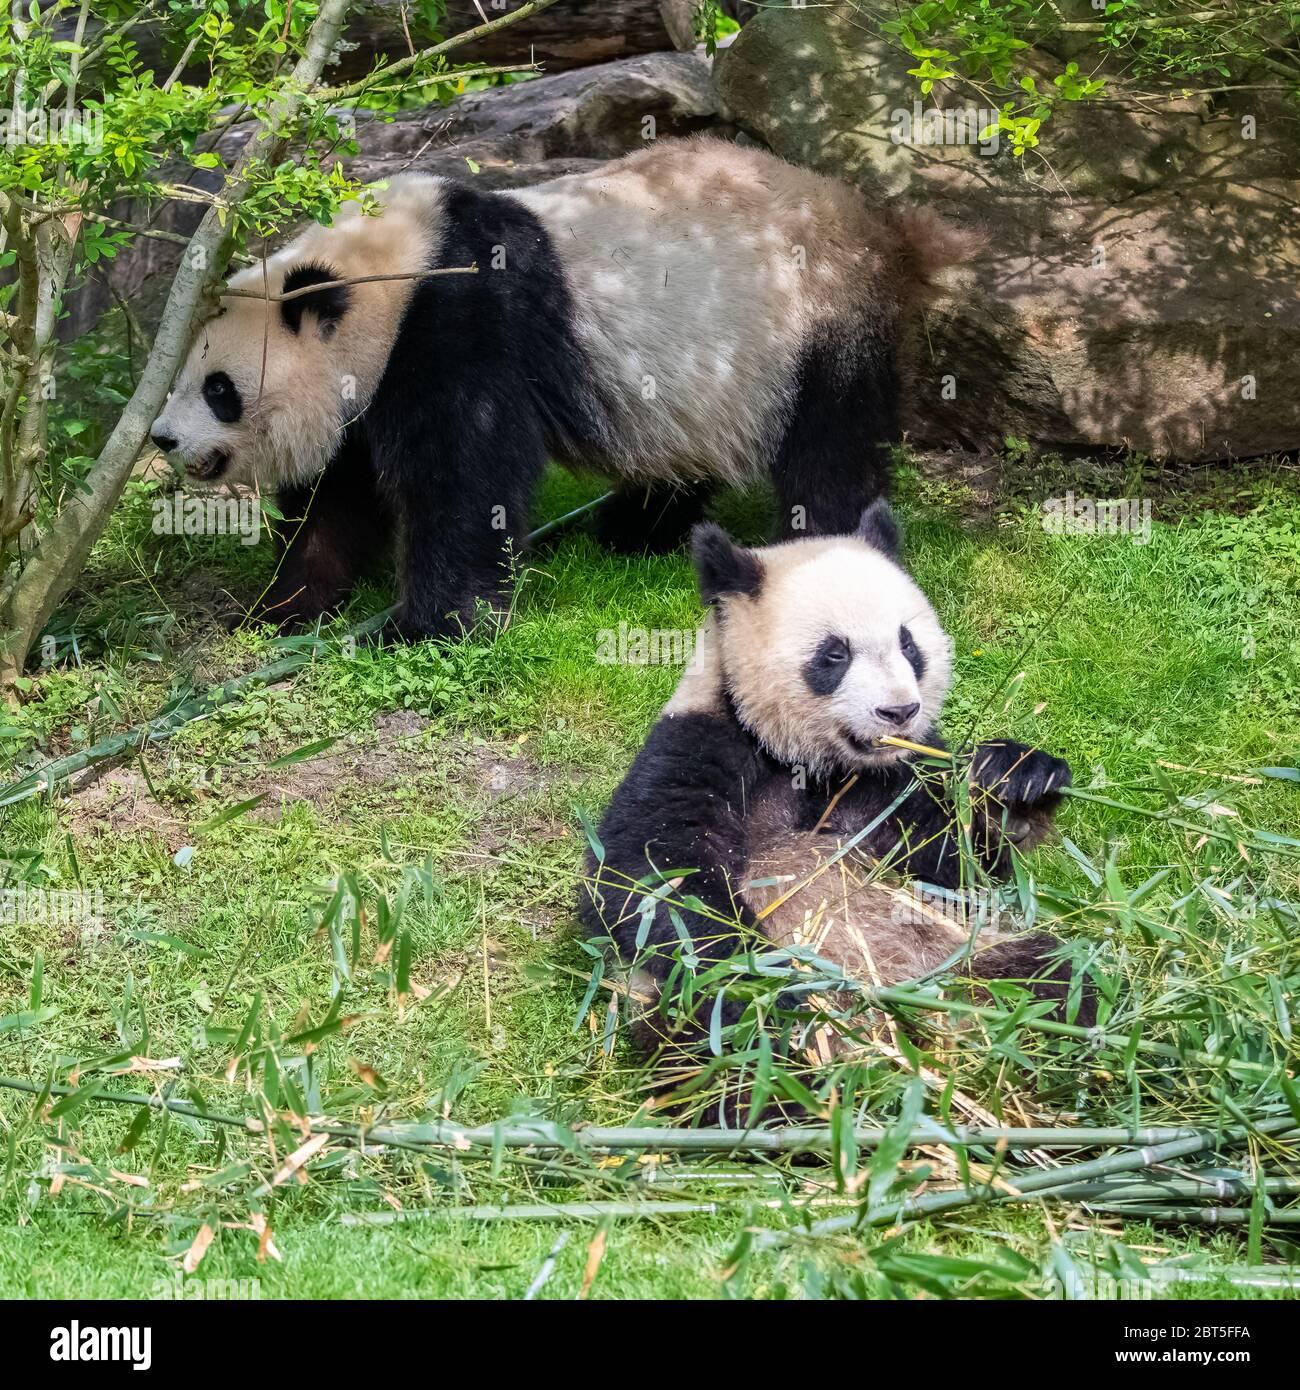 Giant Pandas Bear Pandas Baby Panda And His Mother Eating Bamboo Stock Photo Alamy